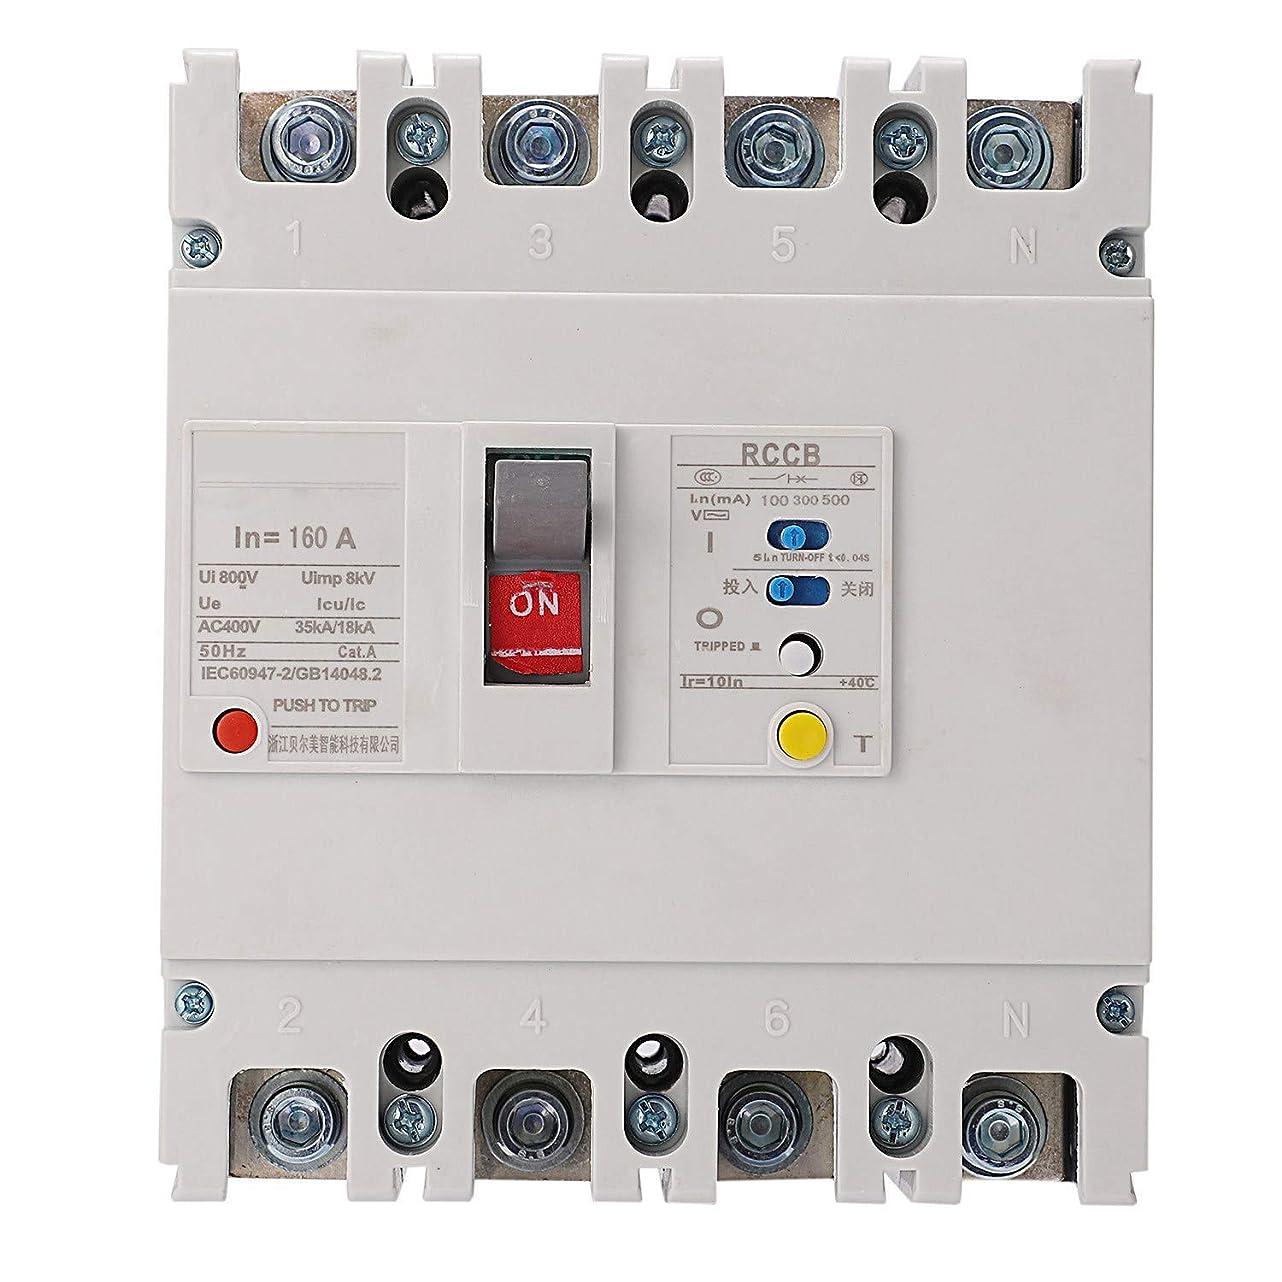 担当者表示近々ZJN-JN 遮断器 漏れサーキットブレーカー、BEM1LE-4300分の250 160A 3P + Nエアスイッチ漏れ低電圧モールドケース